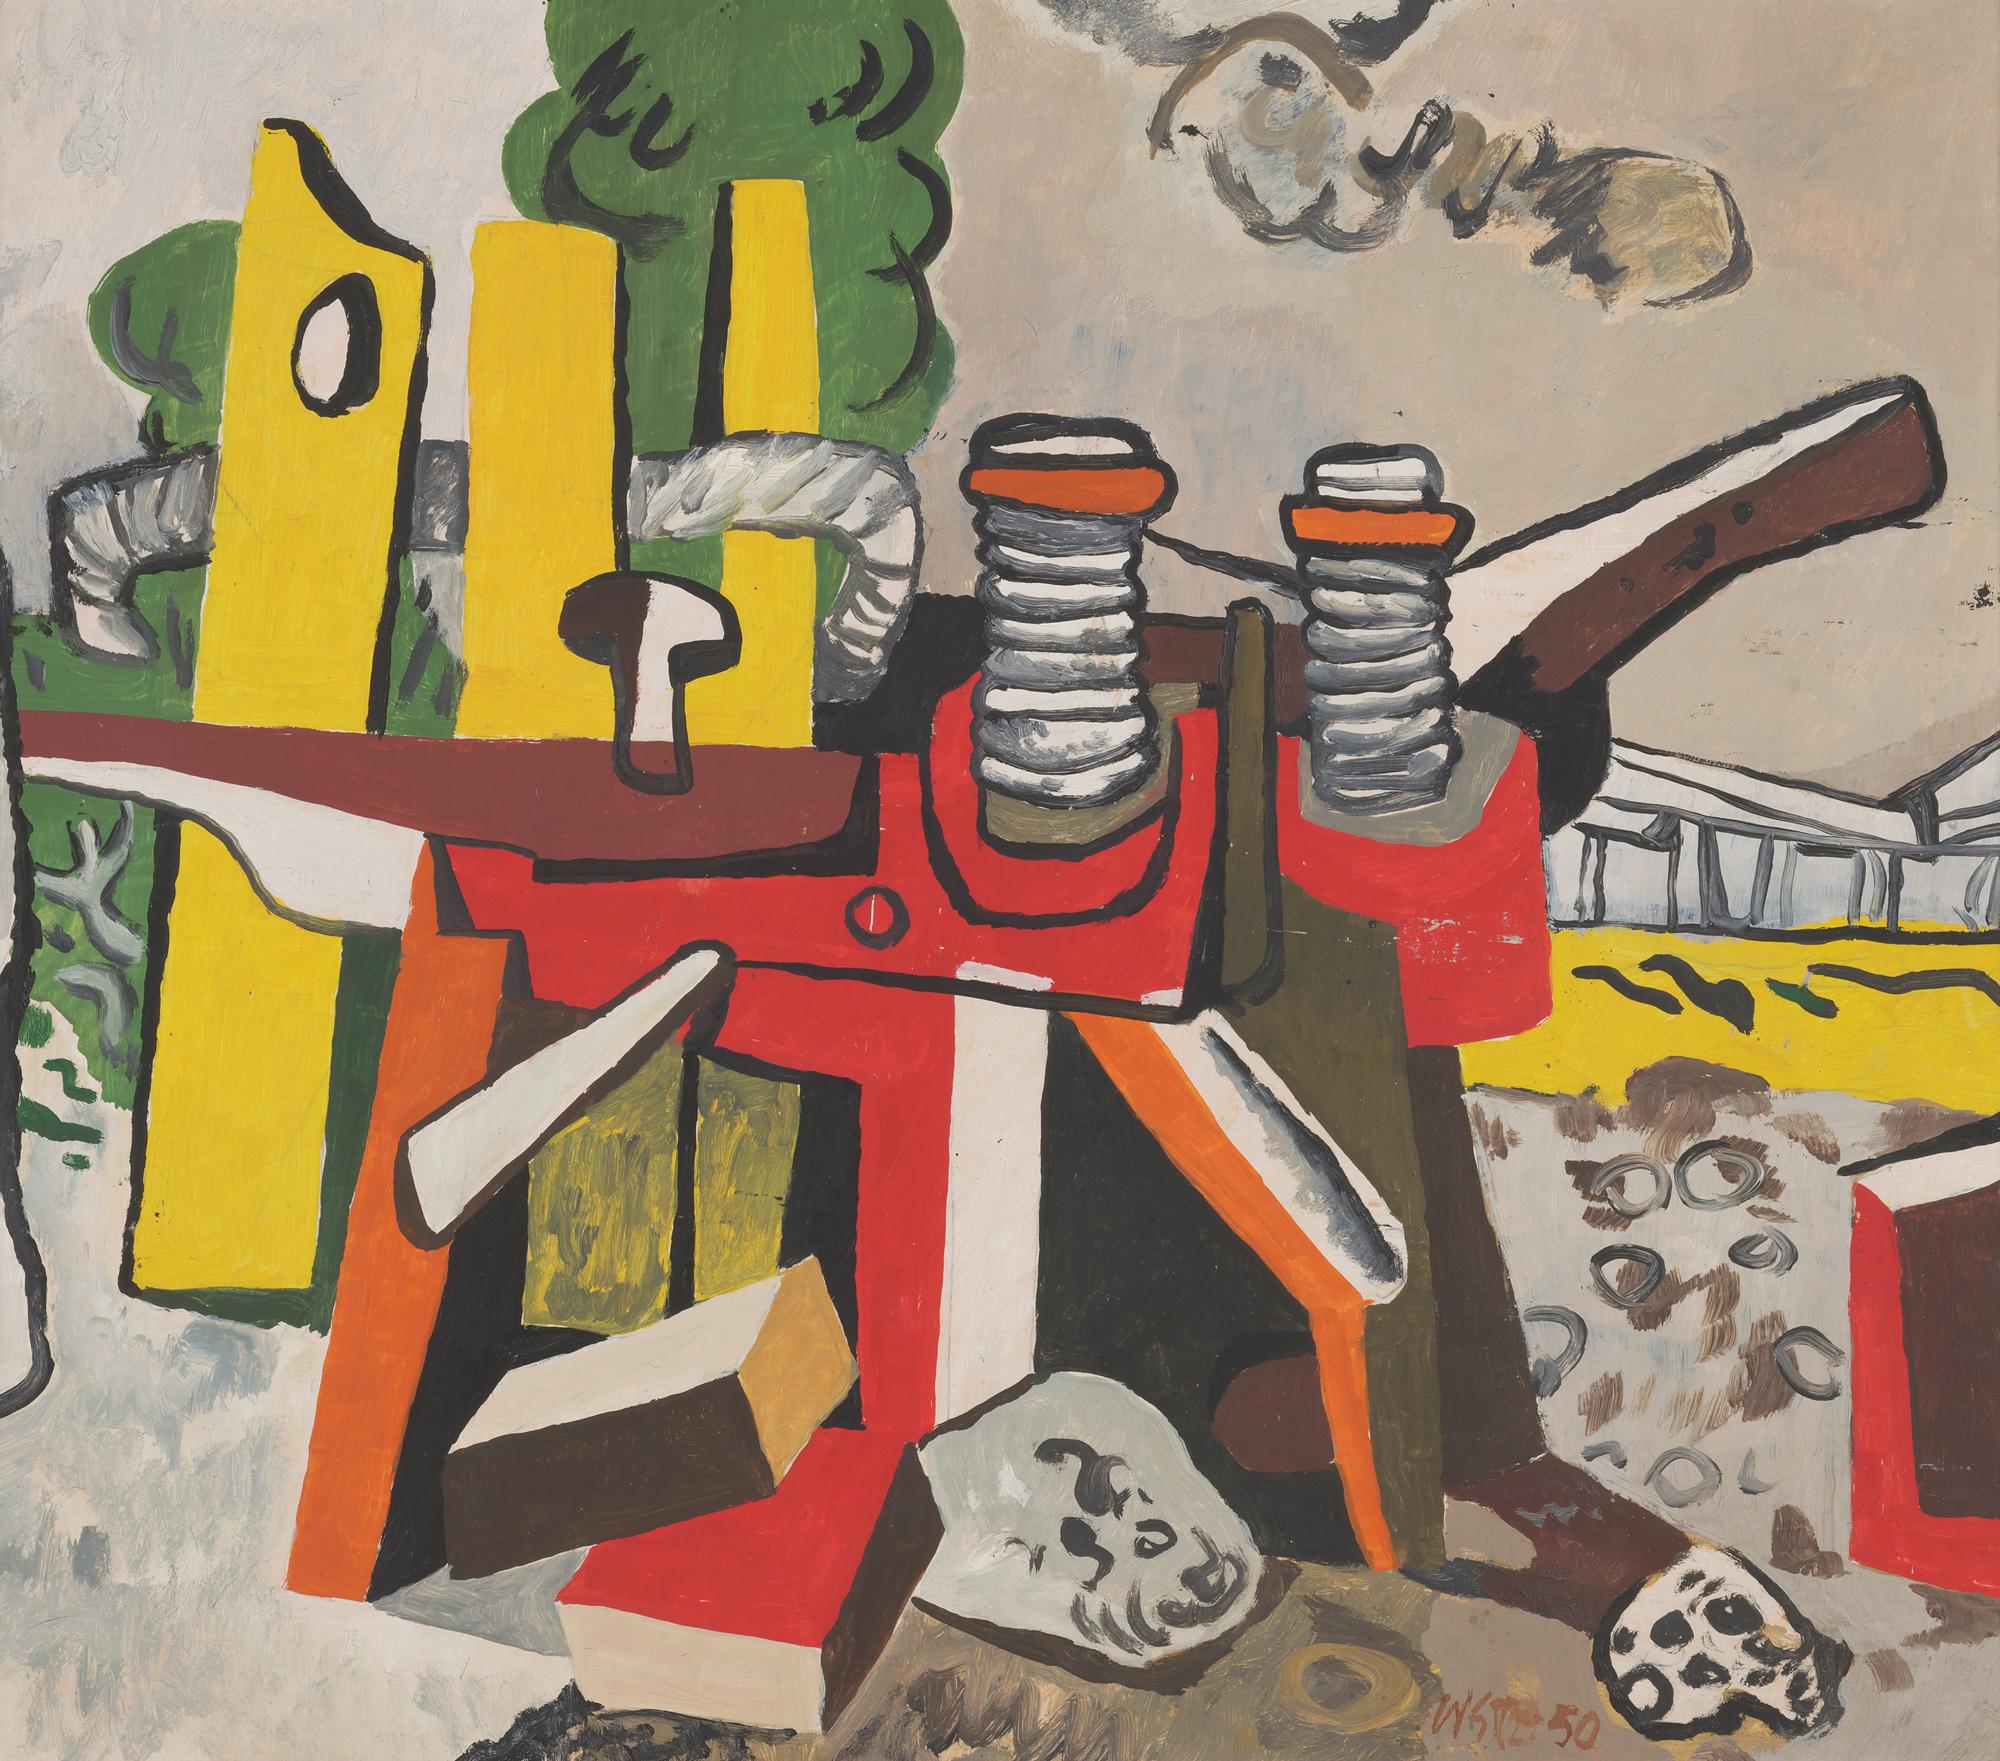 Willi Sitte Ziegelputzmaschine 1950 Öl auf Karton 54 x 61 cm Willi -Sitte-Stiftung © VG Bild-Kunst, Bonn 2018 Foto: Galerie Schwind Leipzig